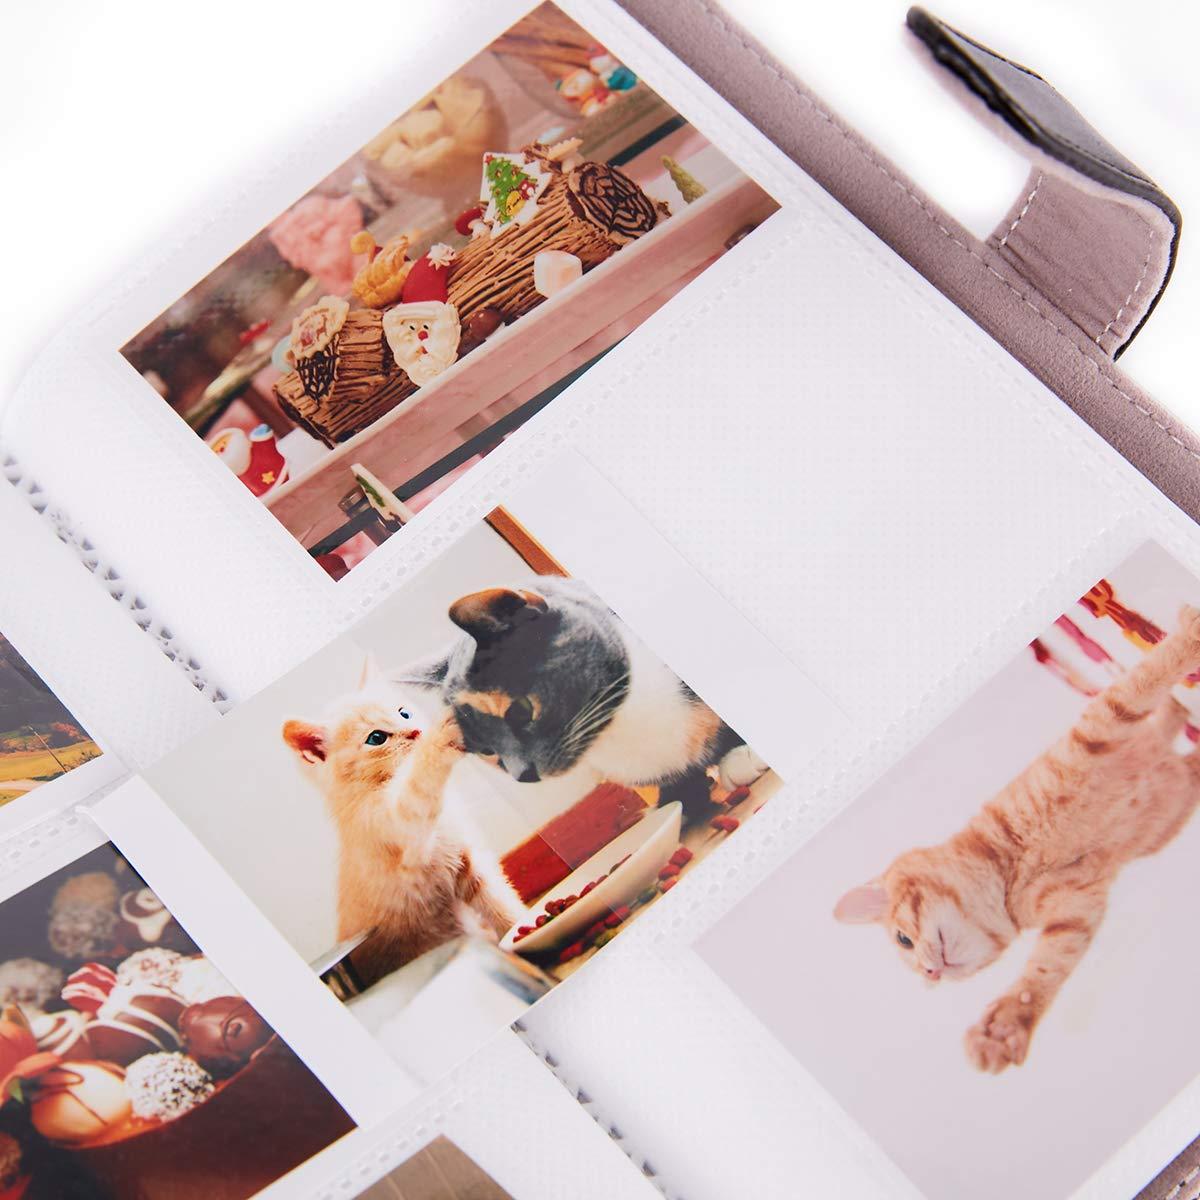 9 25 26 50s 70 90 Appareil Photo de Film instantan/é et Carte de Visite avec 20 Autocollants PCS 64 Pockets, Glace Bleue Annle Instax Mini Album Photo pour Fujifilm Instax Mini 7s 8 8